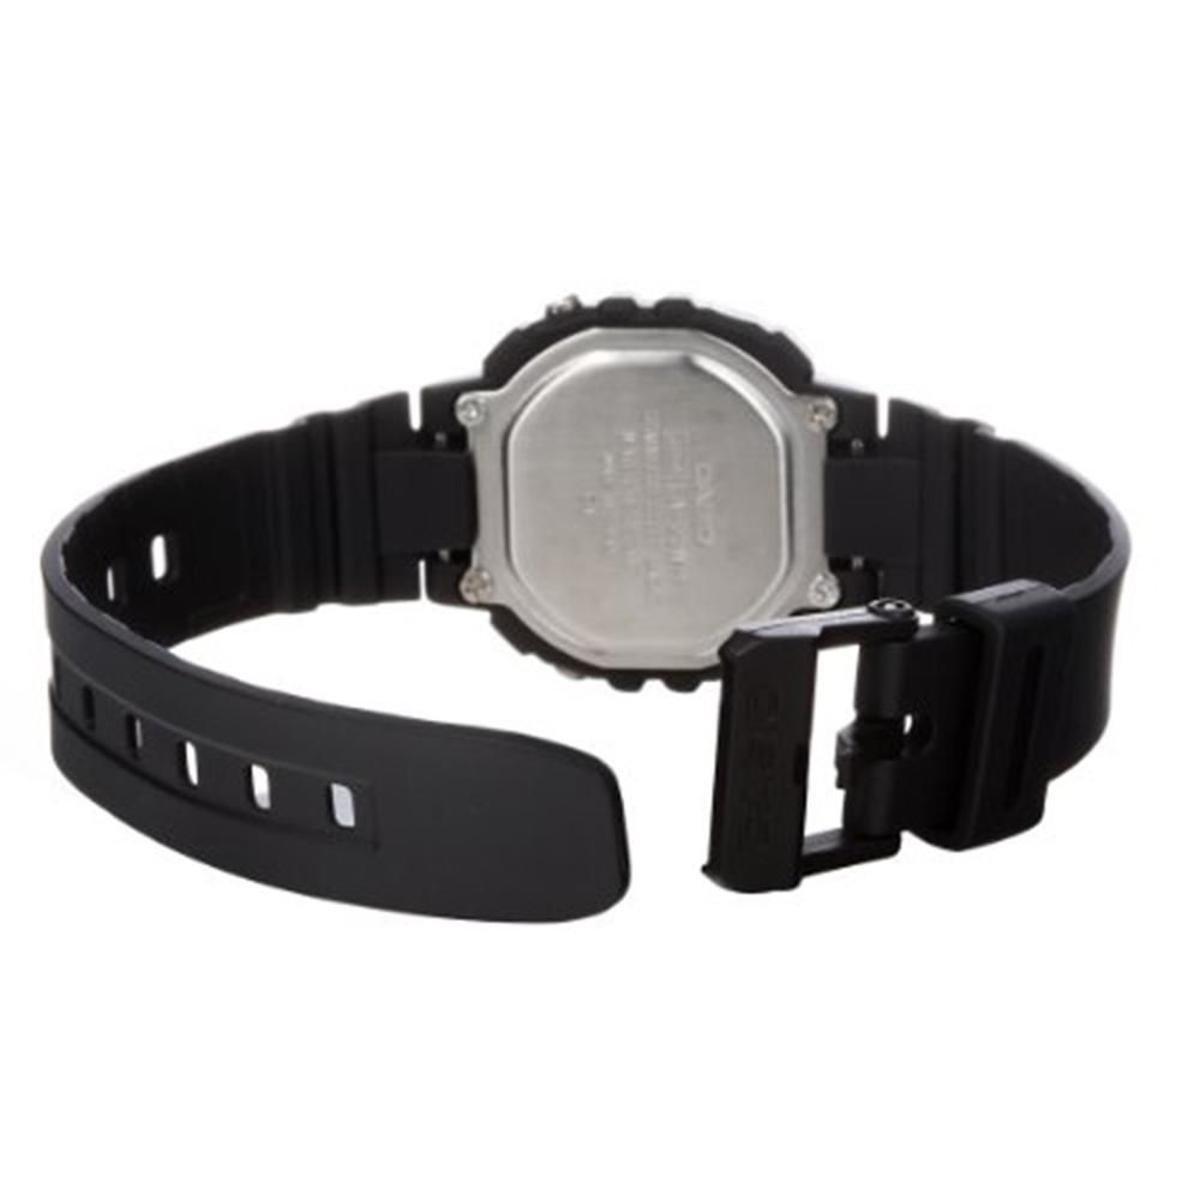 9bdb352a014 Relógio Feminino Casio Digital - Preto e Pink - Compre Agora